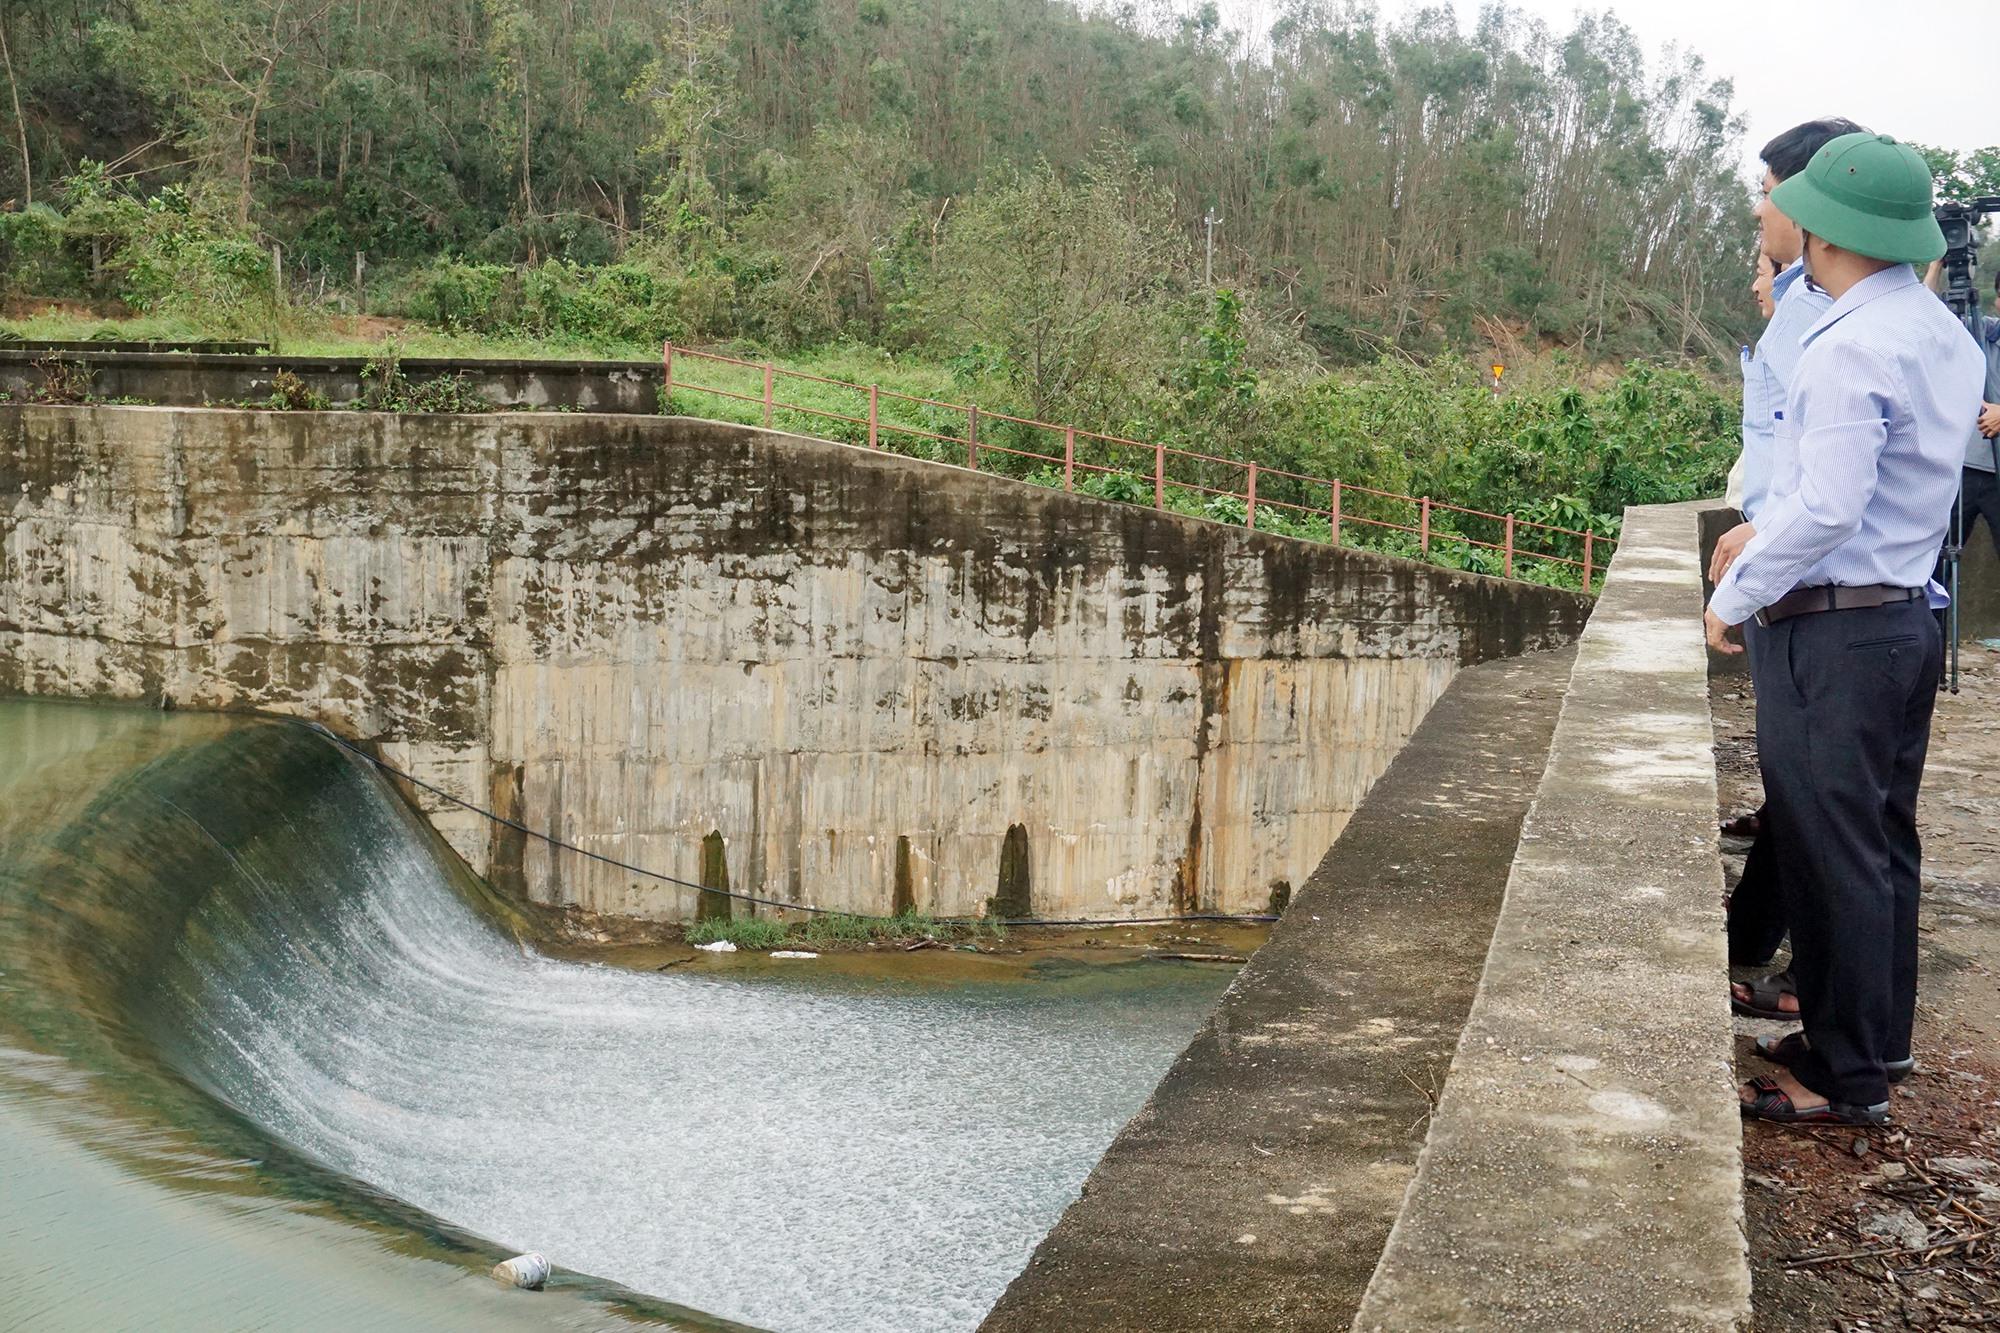 Hiện hồ chứa nước Phước Hà (xã Bình Phú) đã tích đầy, nước qua tràn tự do. Ảnh B.T